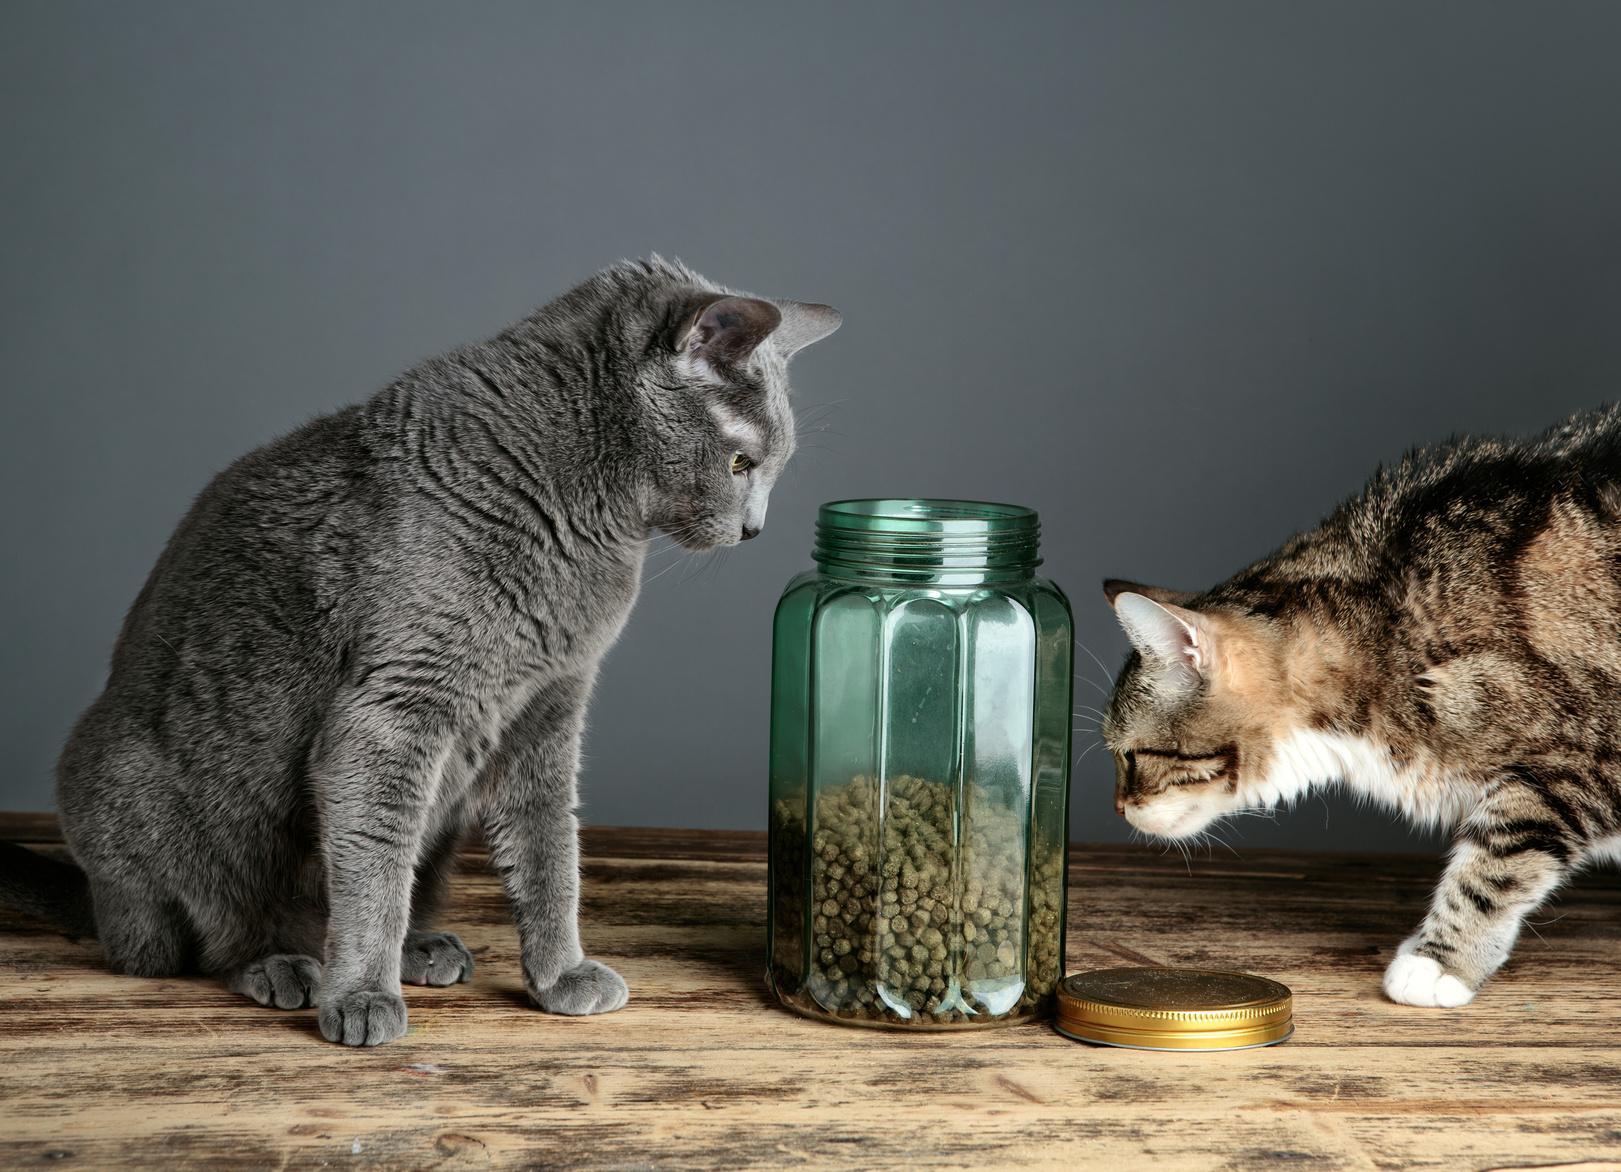 Cibo per gatti consigli per un micio sano zoolandia family for Cosa mangia il gatto